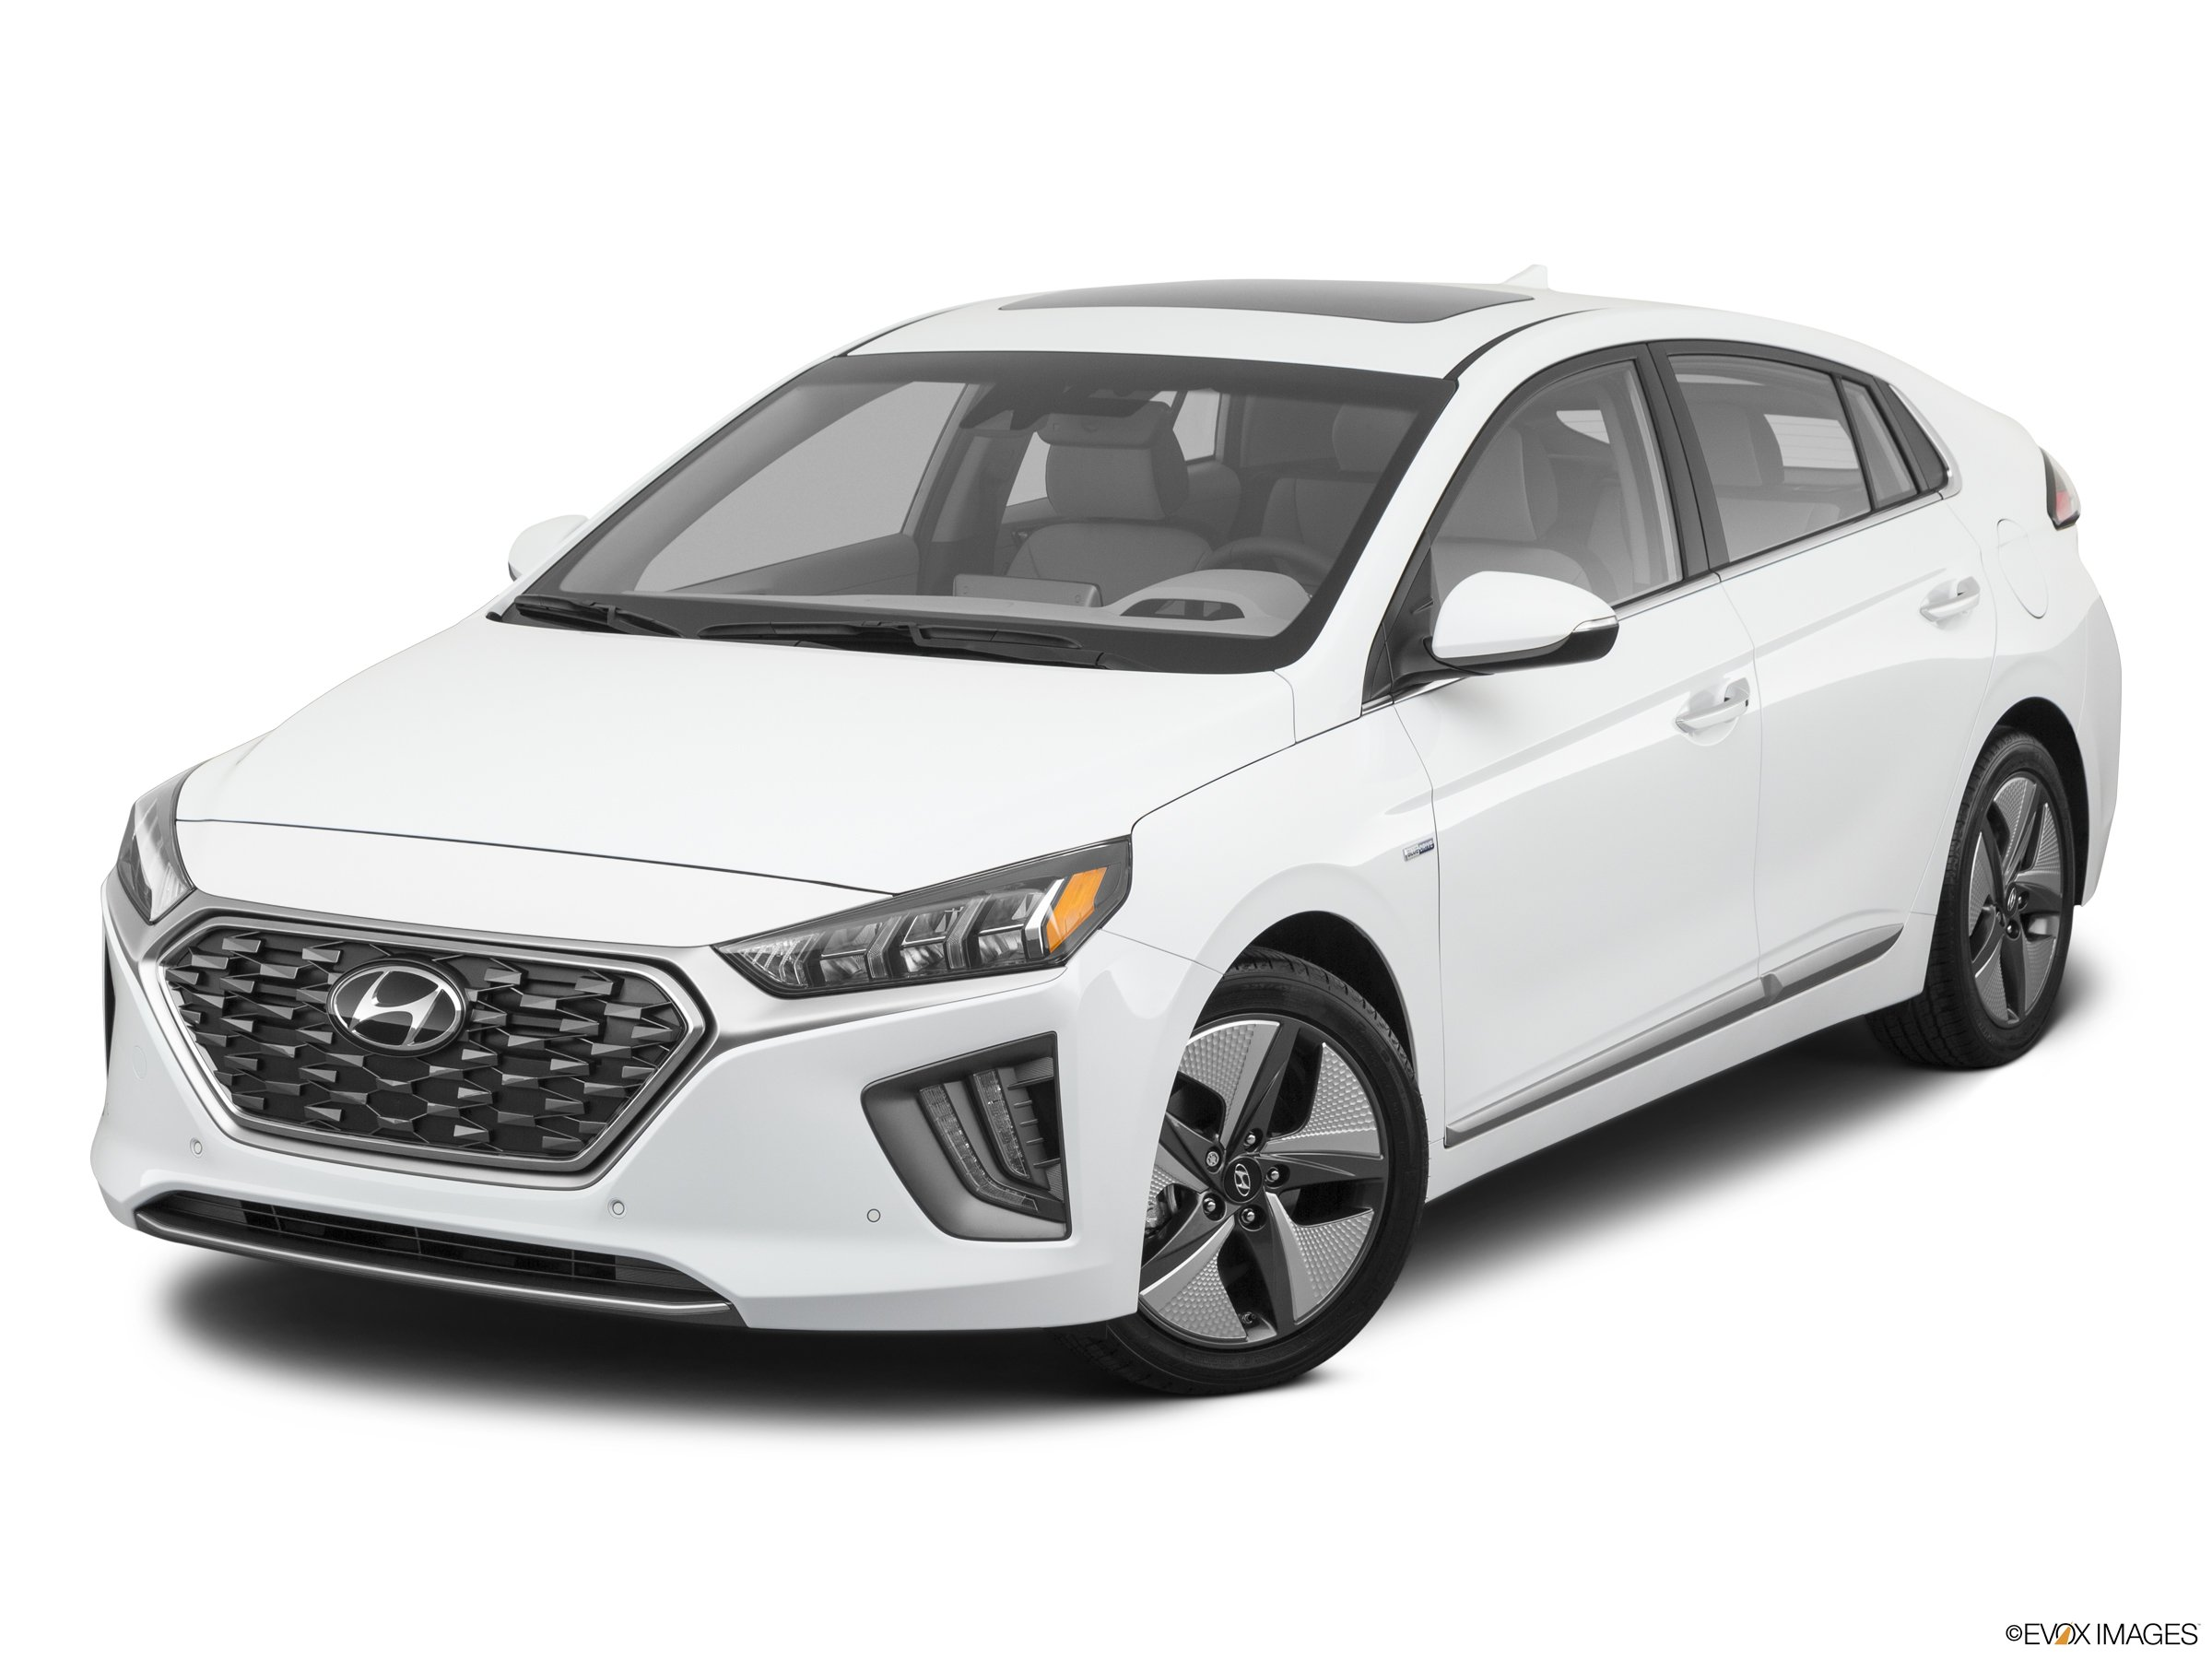 2020 Hyundai Ioniq Hybrid Limited FWD hatchback